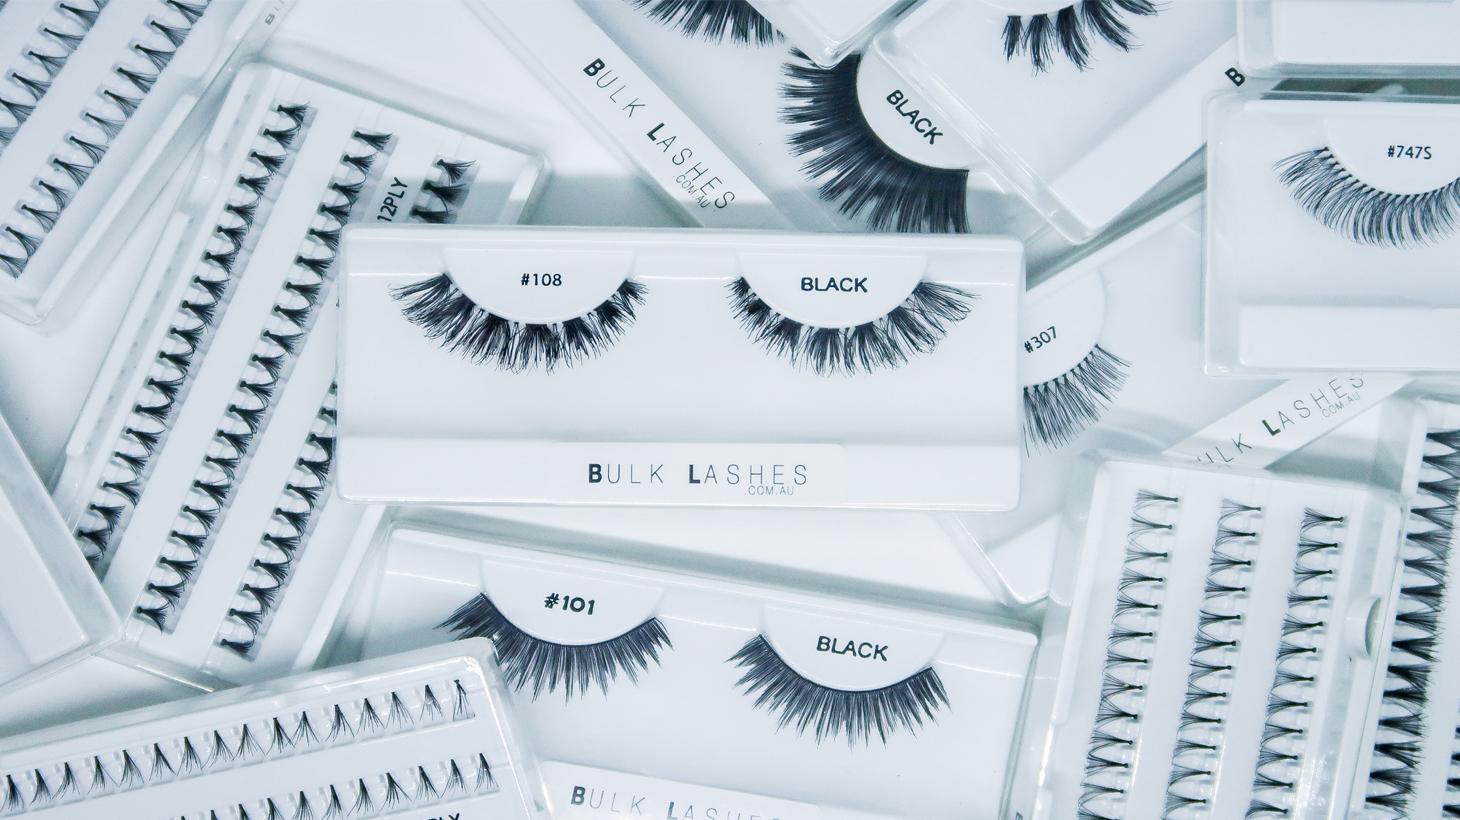 bulk lashes